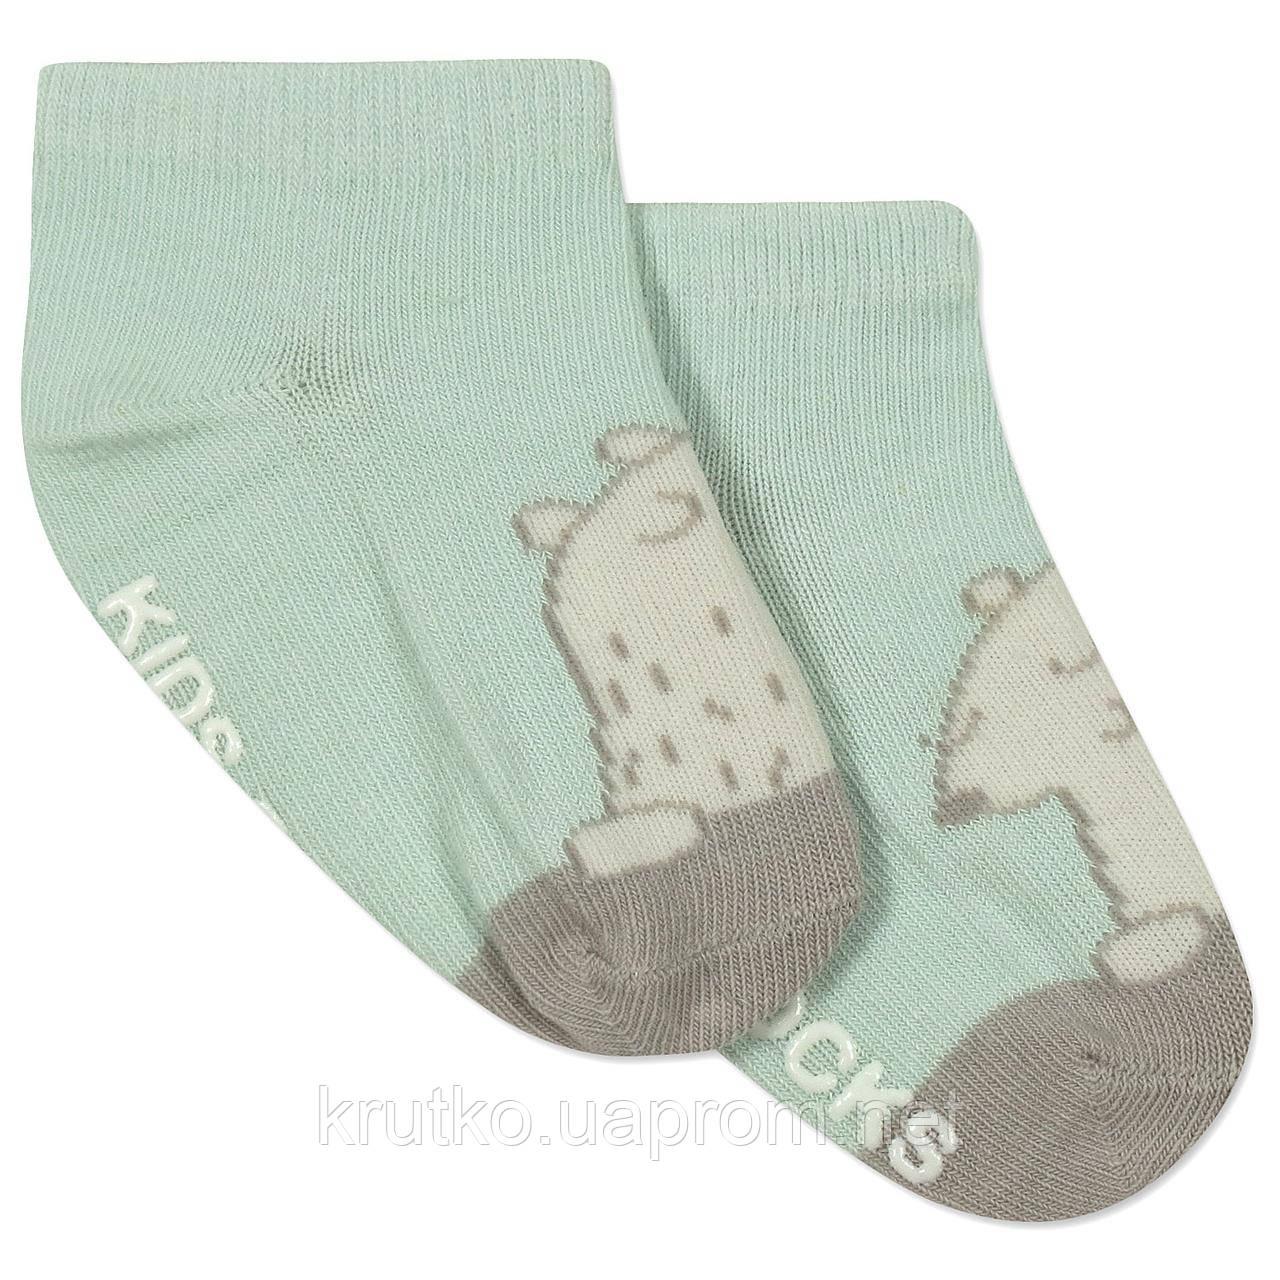 Детские антискользящие носки Полярный Медведь Berni